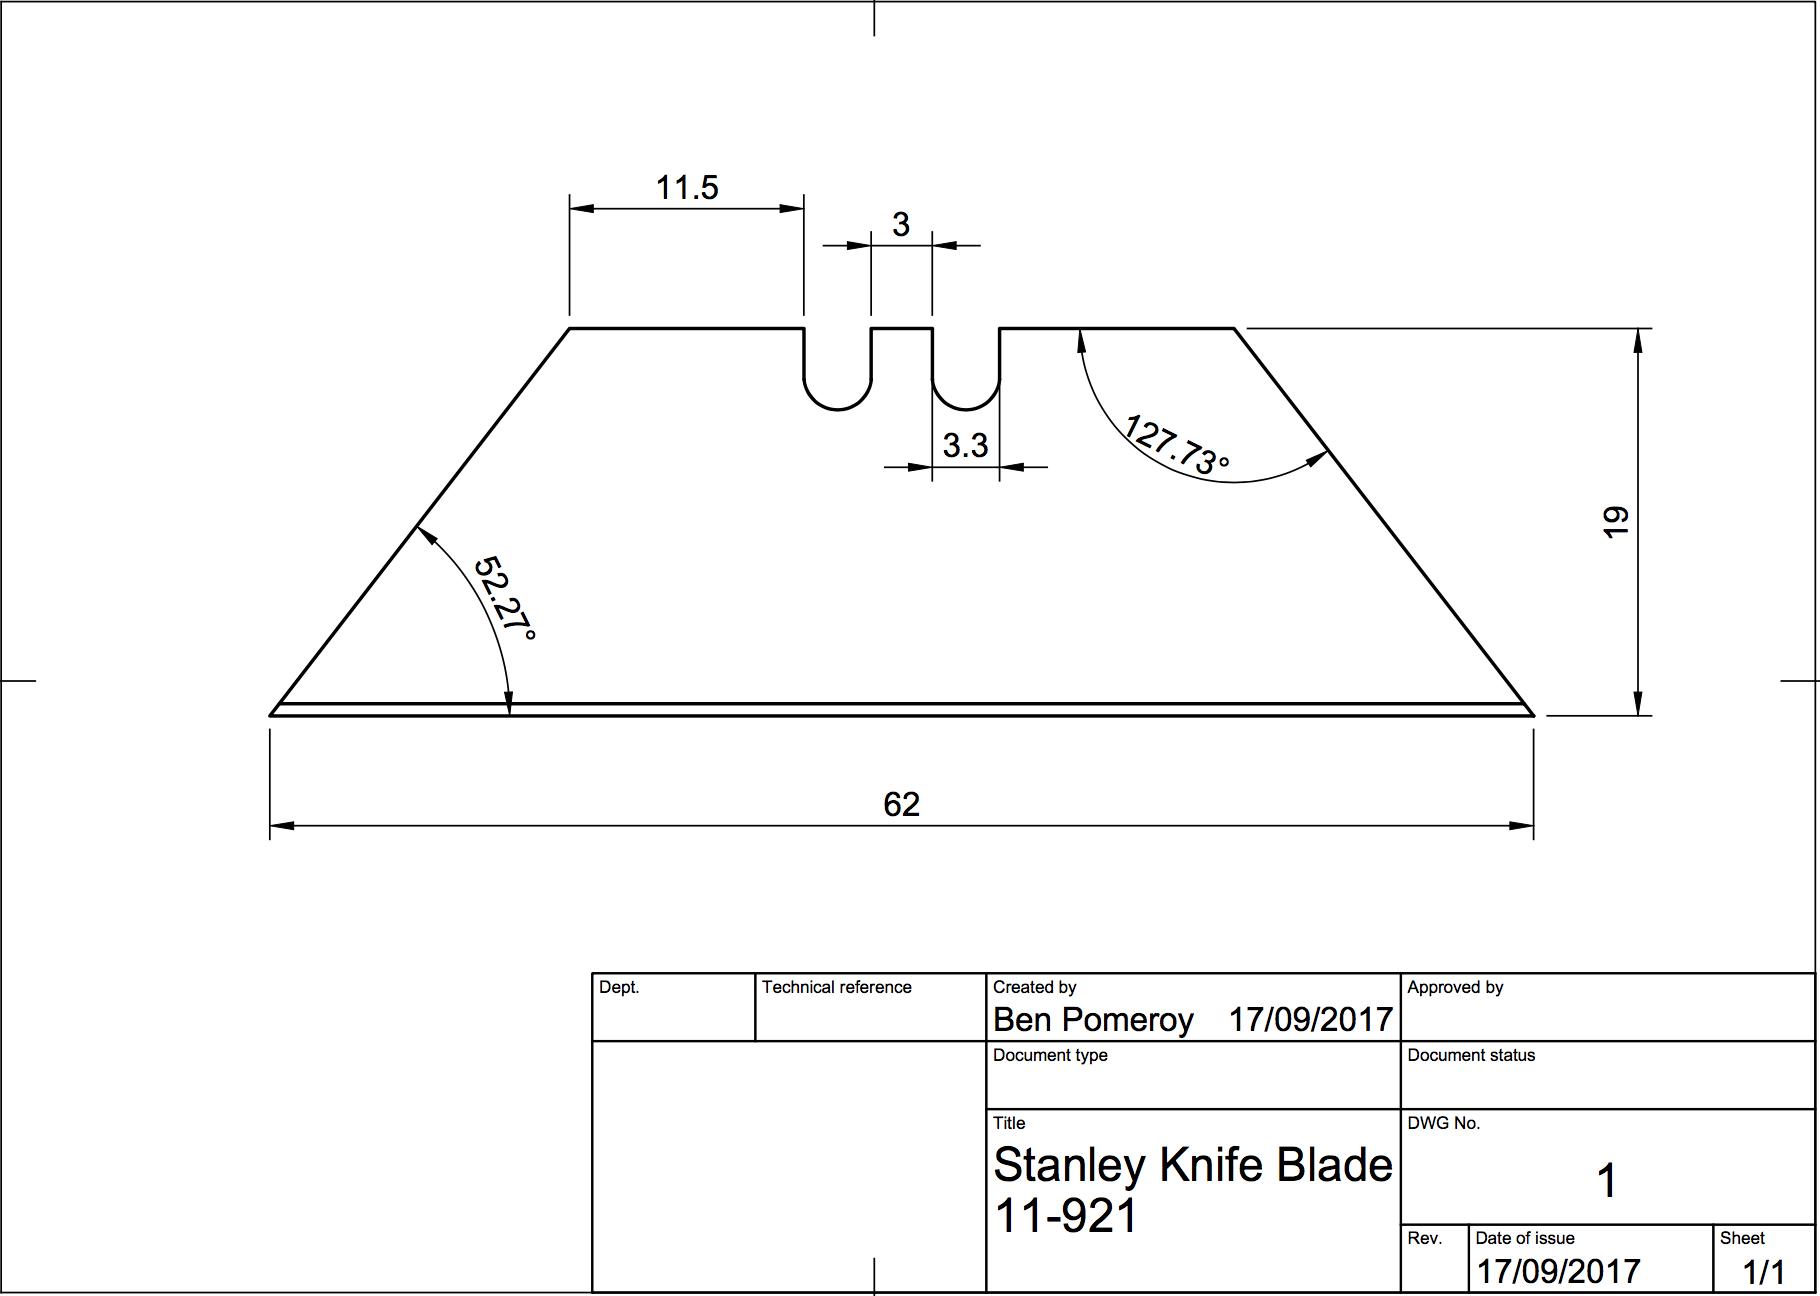 Stanley plan dating diagram